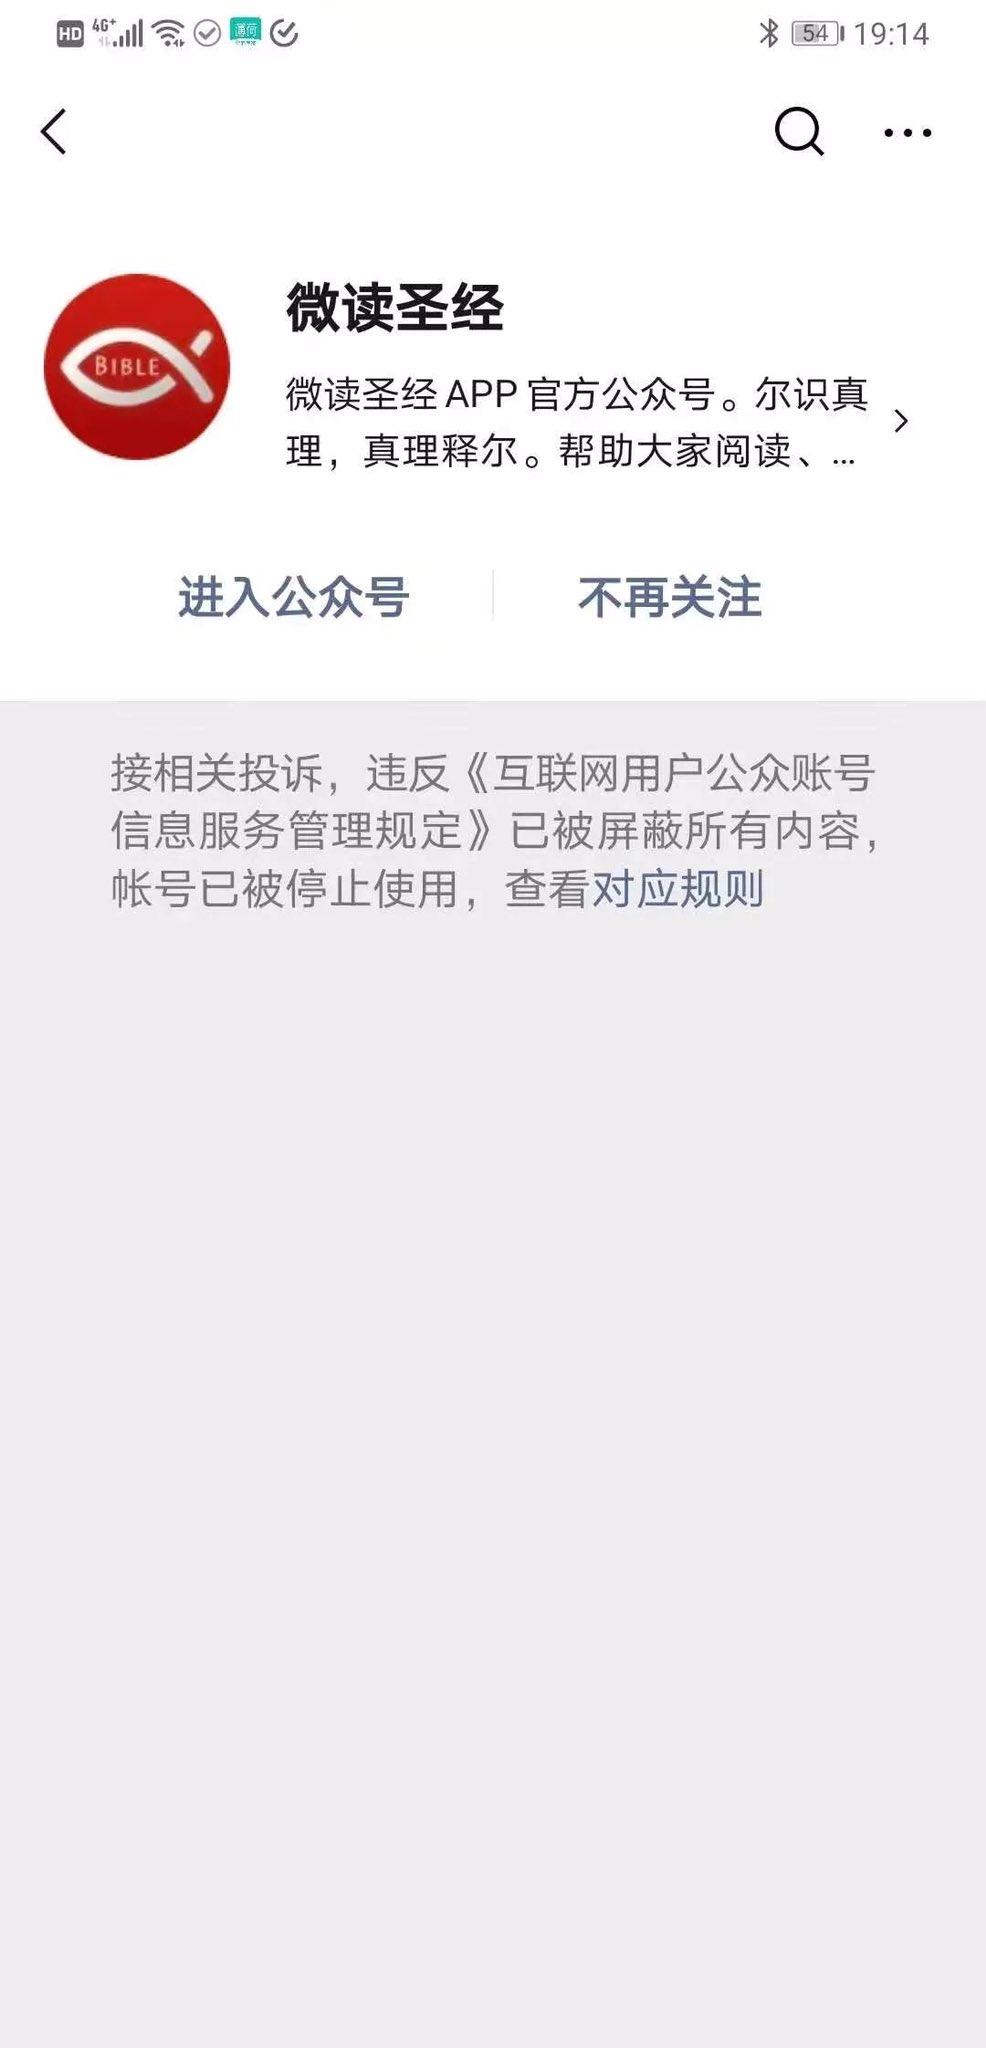 """大批基督教公眾號""""陣亡"""" 中國基督徒獲取資訊再受限"""